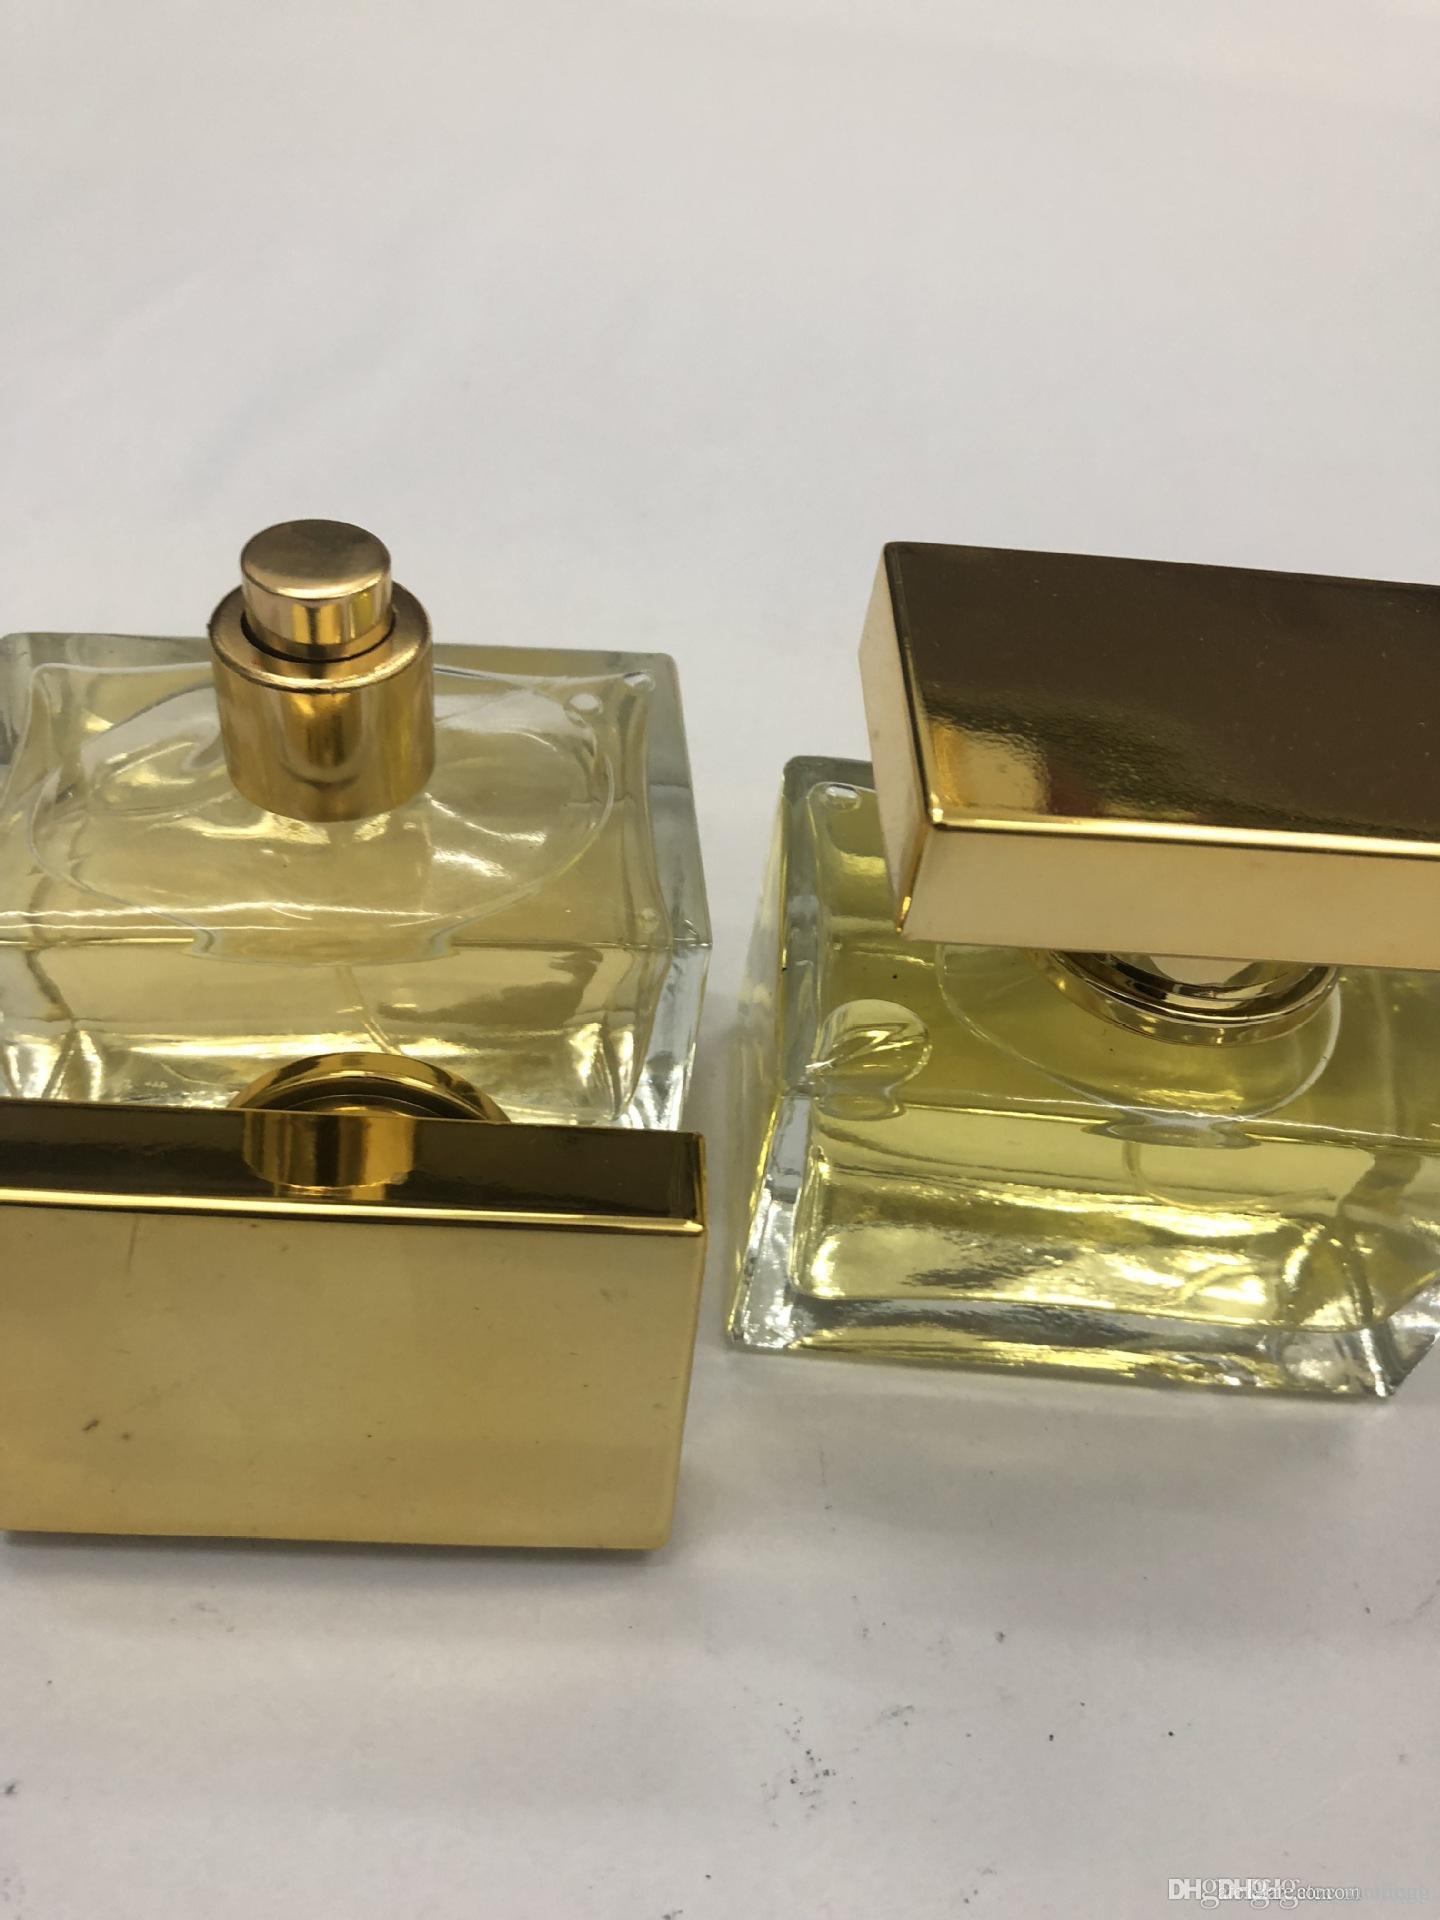 Yeni kadın 75ml parfüm parfüm uzun ömürlü zaman kaliteli yüksek parfüm capactity Ücretsiz Kargo